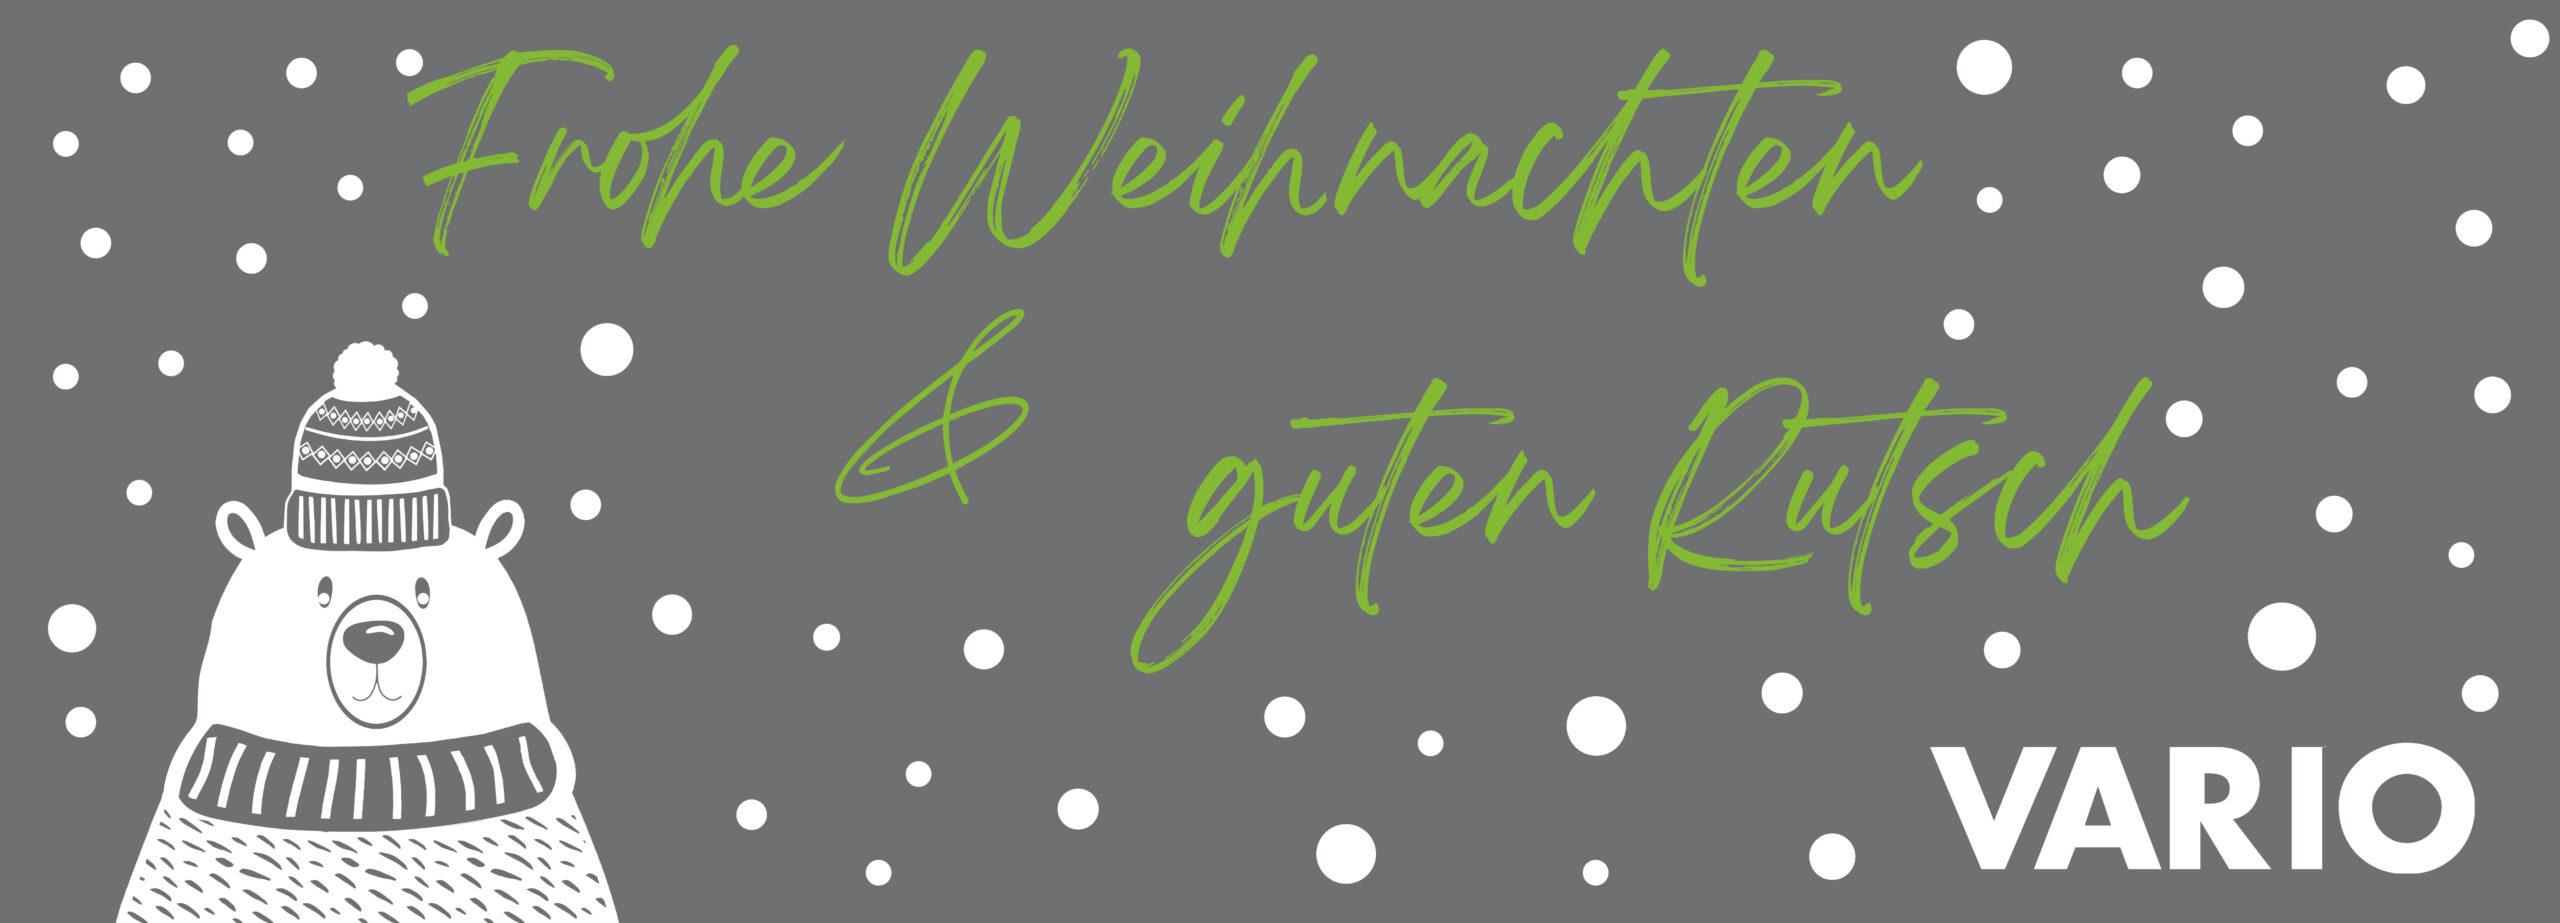 VARIO wünscht: Frohe Weihnachten & einen guten Rutsch